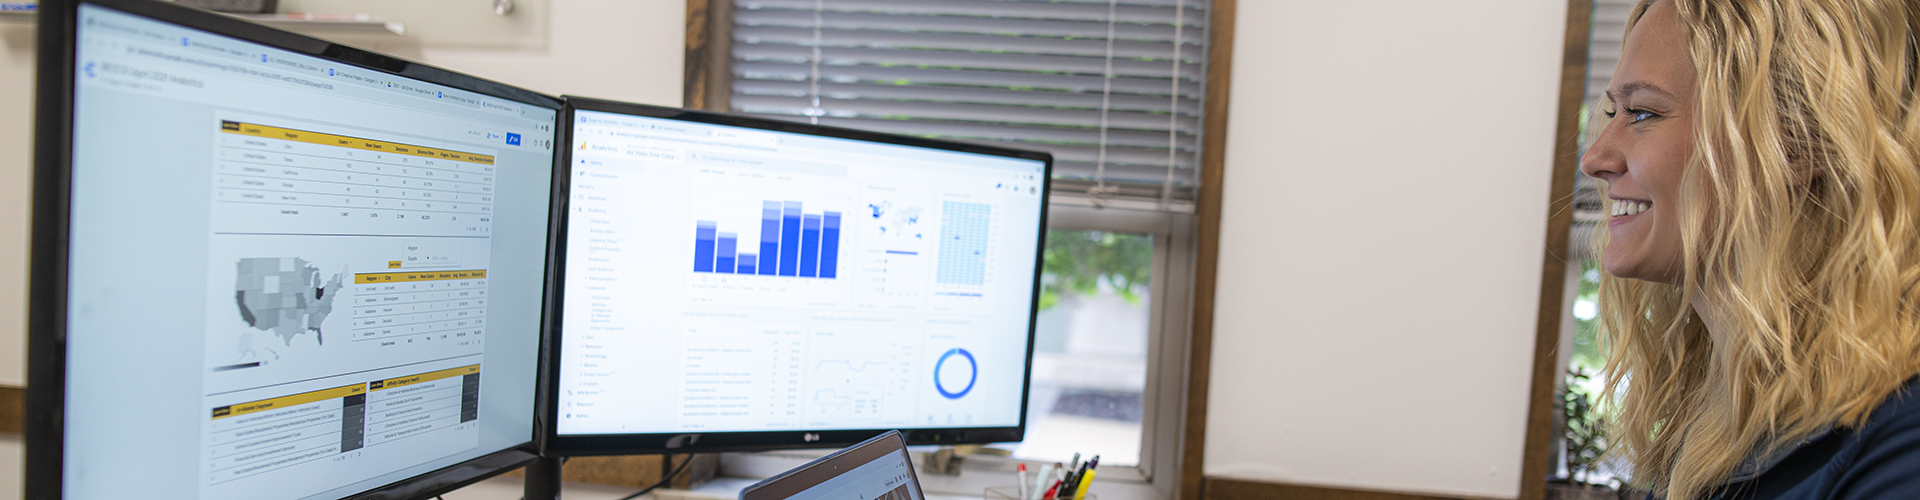 Header image for Digital Marketing